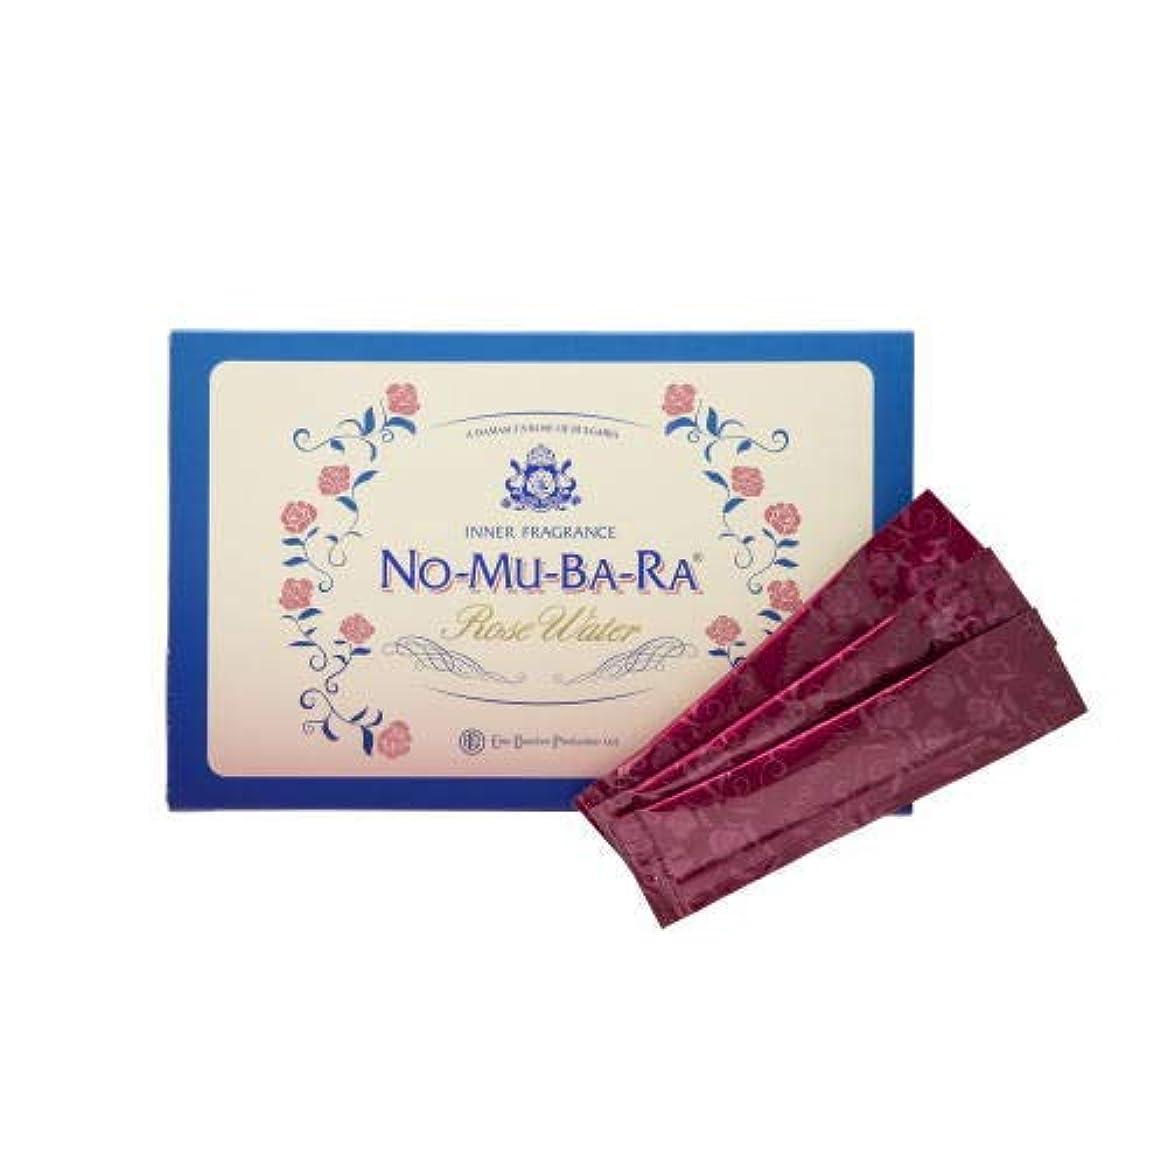 ヒョウアナリスト下にNO-MU-BA-RA NO-MU-BA-RA(ノムバラ)(35包入)×2箱【モンドセレクション受賞】